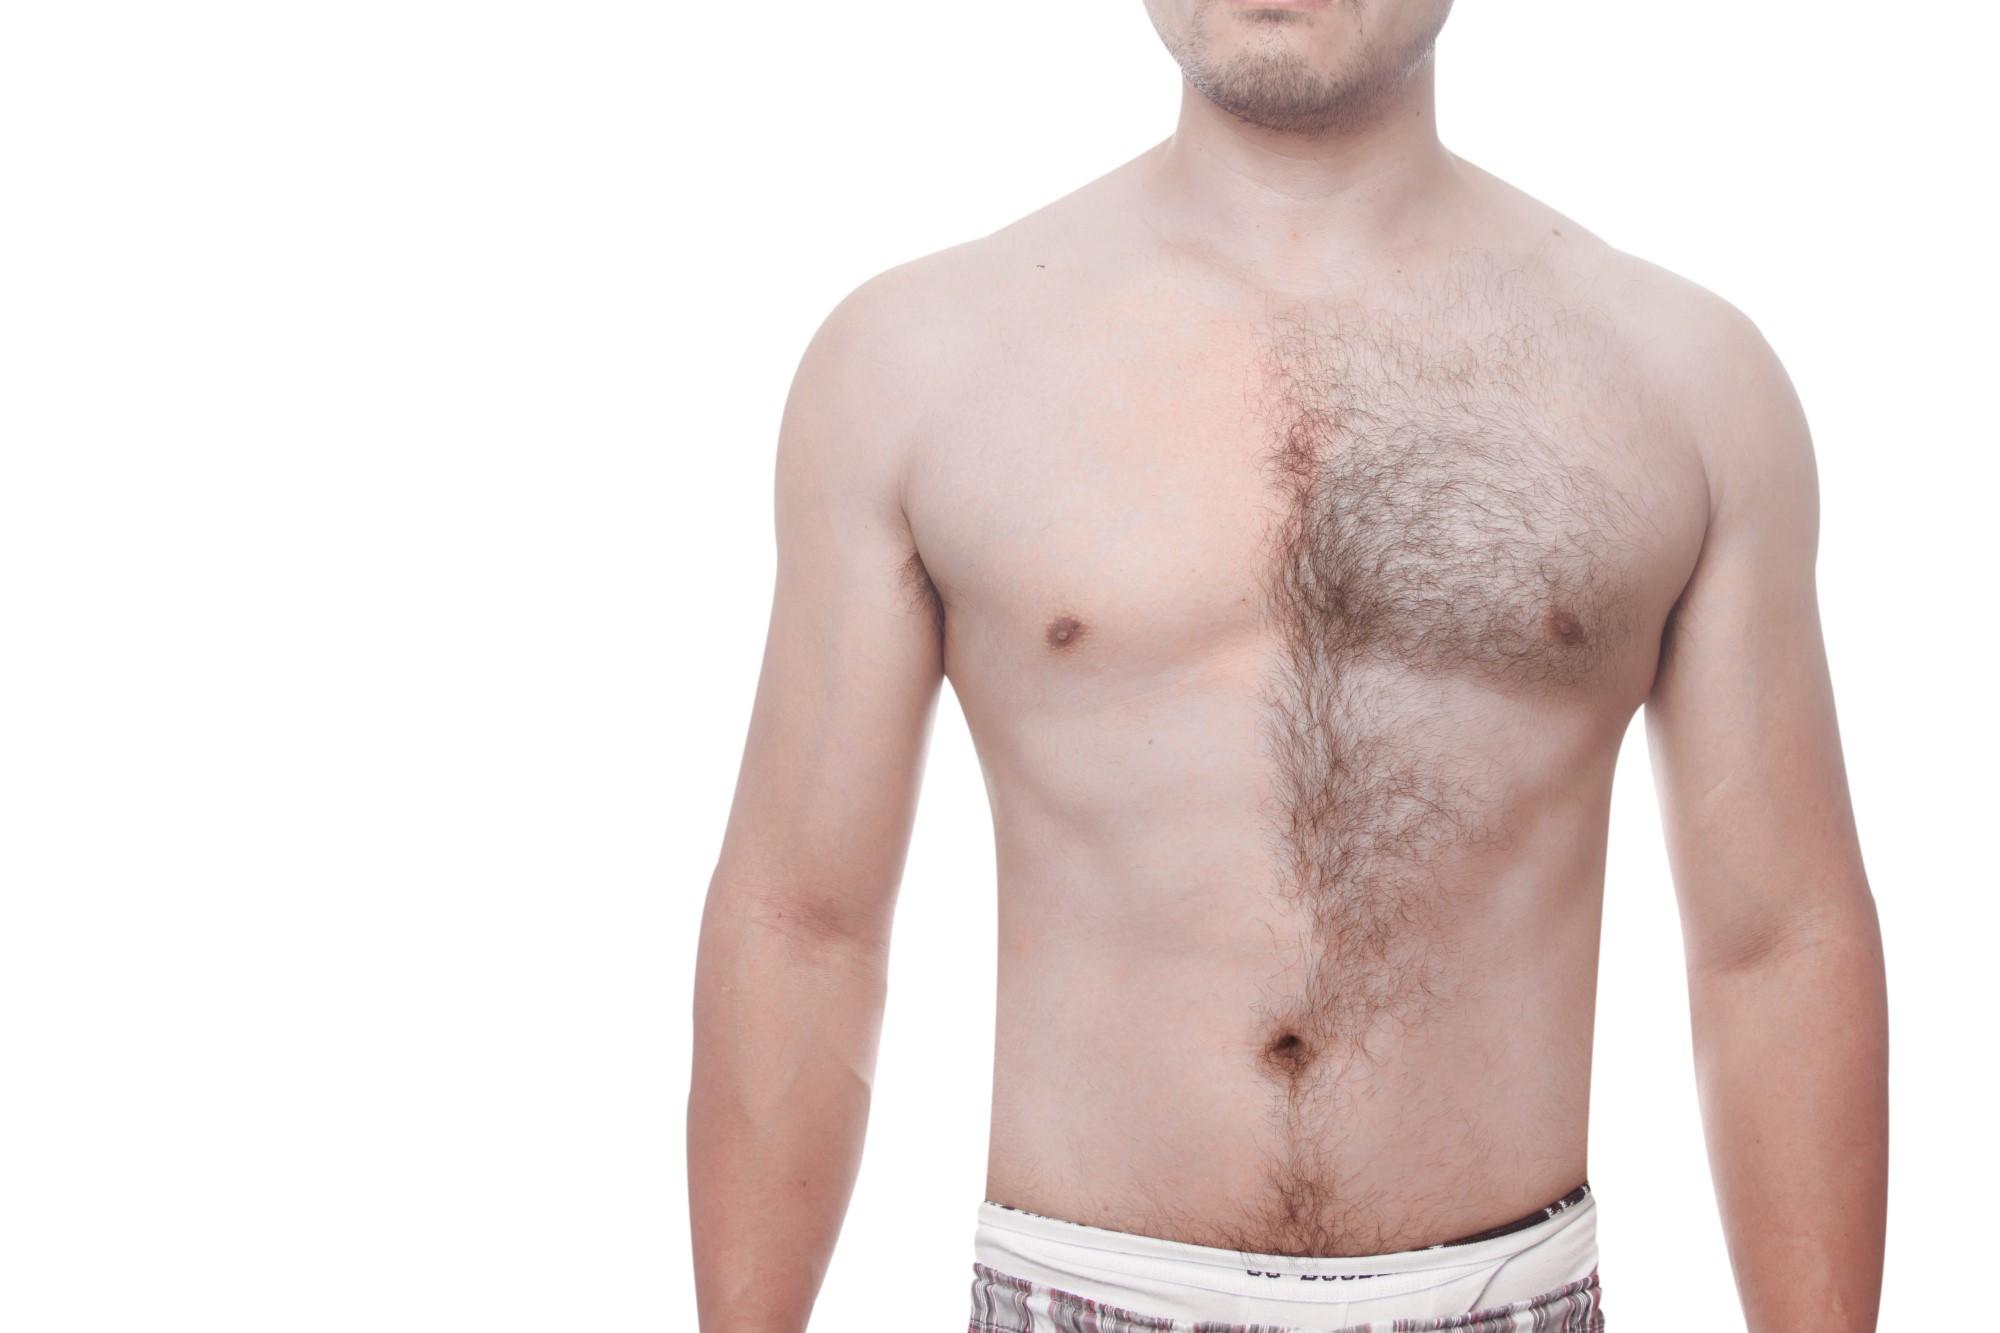 濃いヒゲとおさらばしたい男性必見!原因や対策方法、気になるヒゲ脱毛 ...